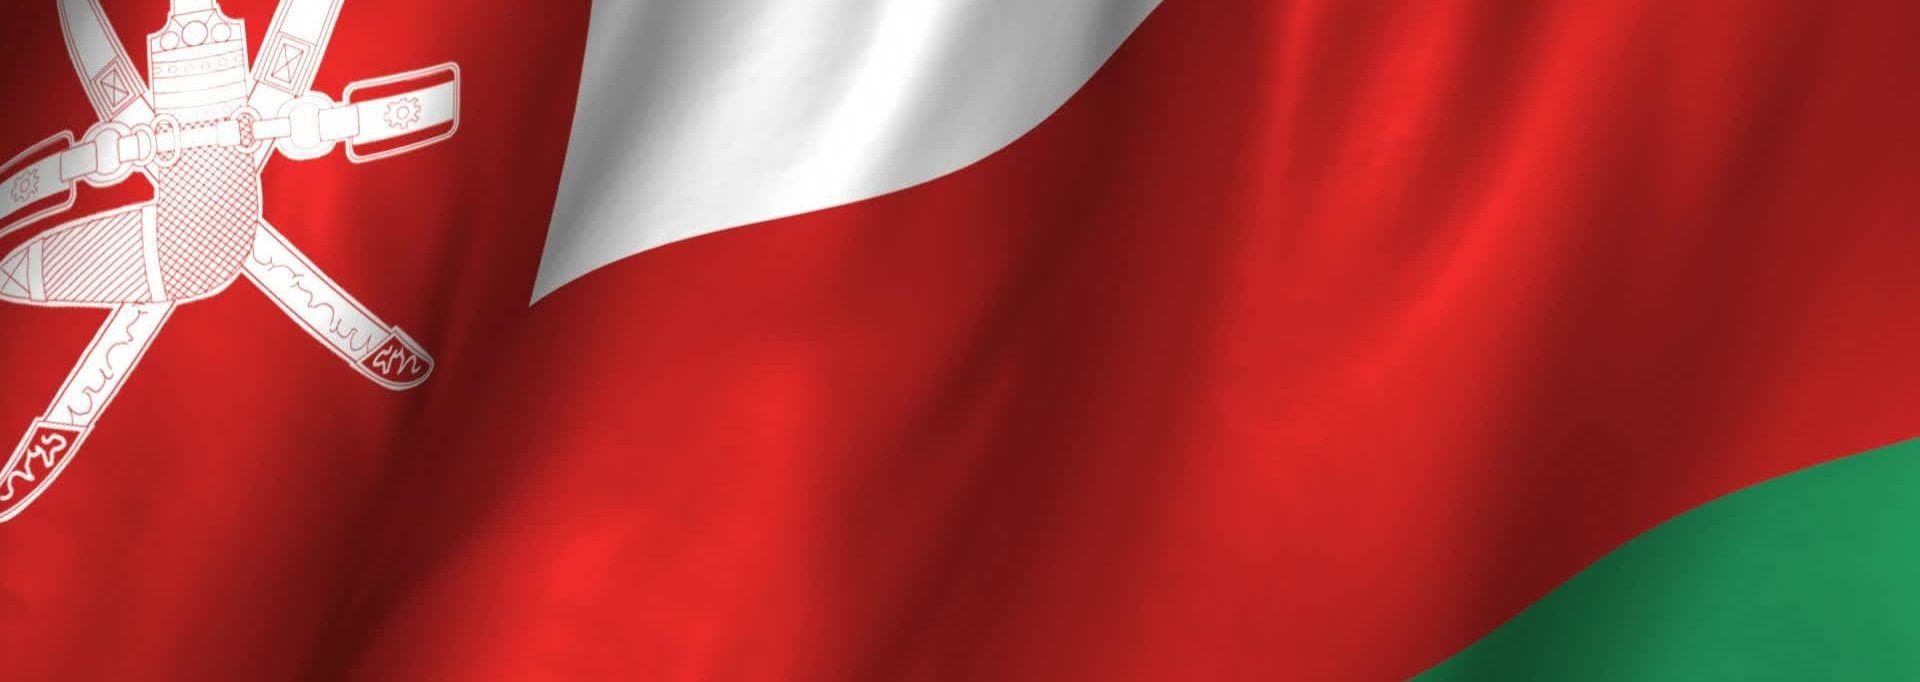 ارزانترین قیمت اخذ ویزای عمان